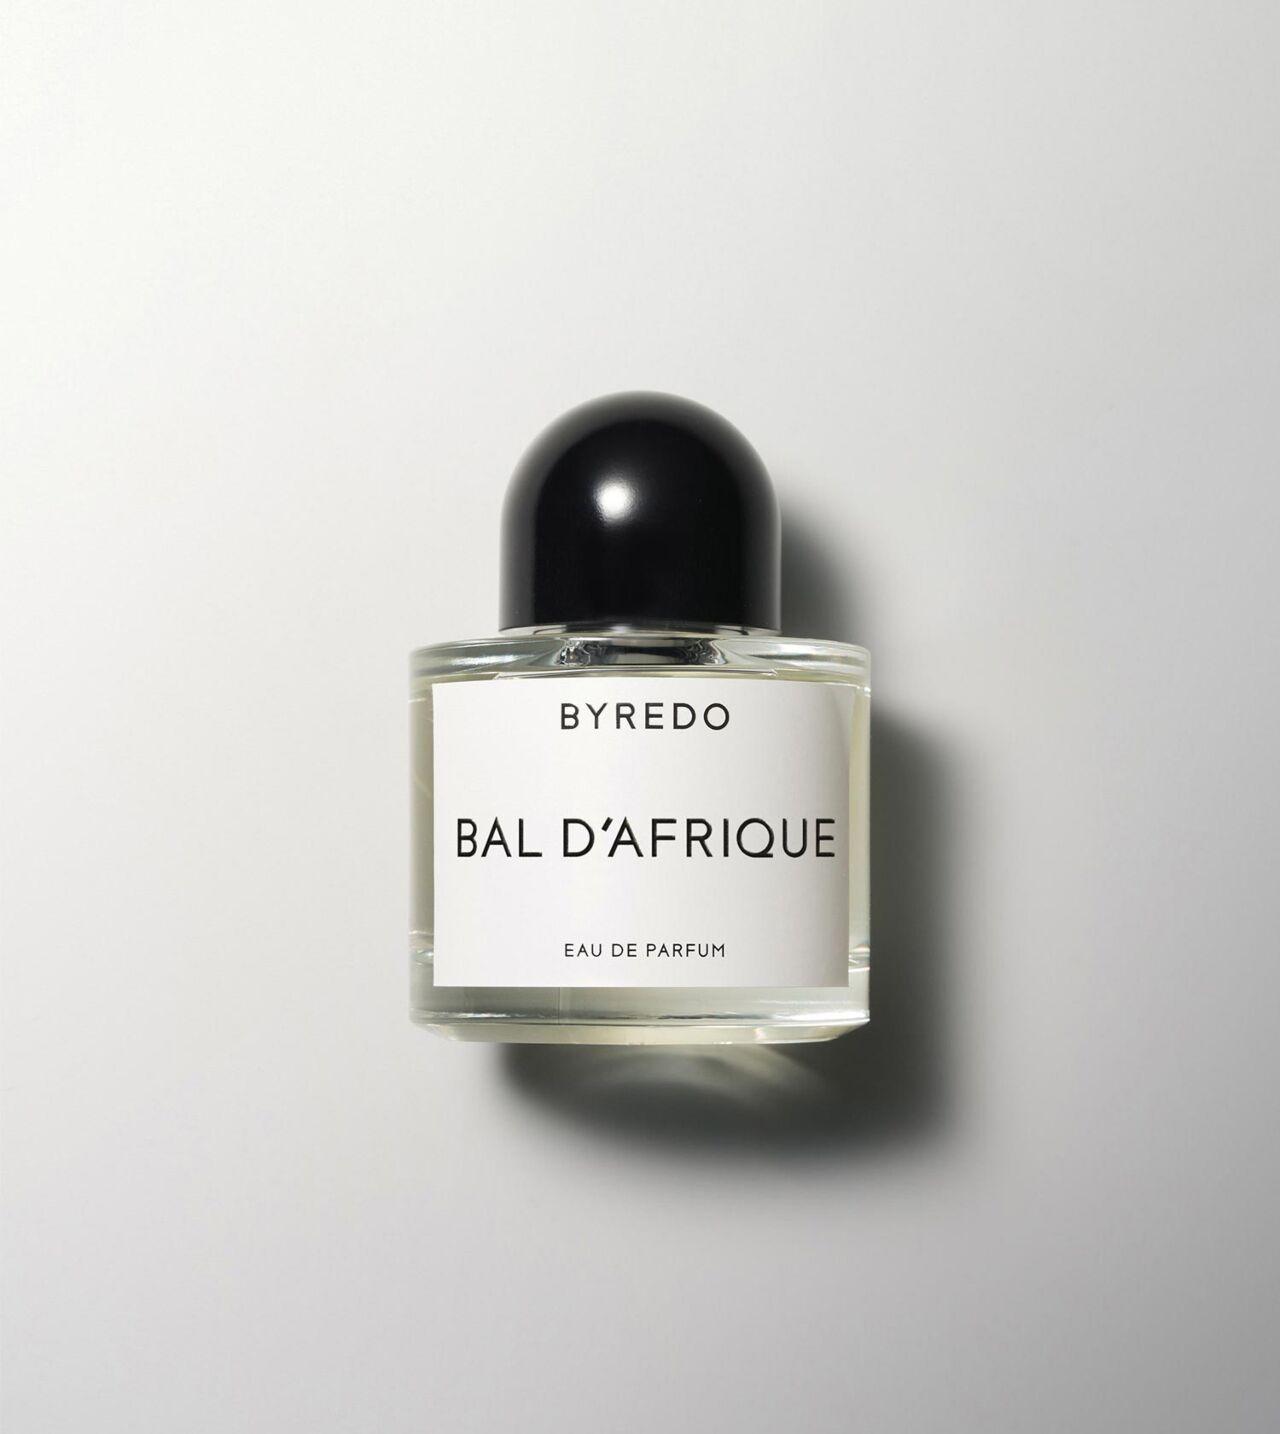 Picture of Byredo Bal d'Afrique Eau de Parfum 50ml